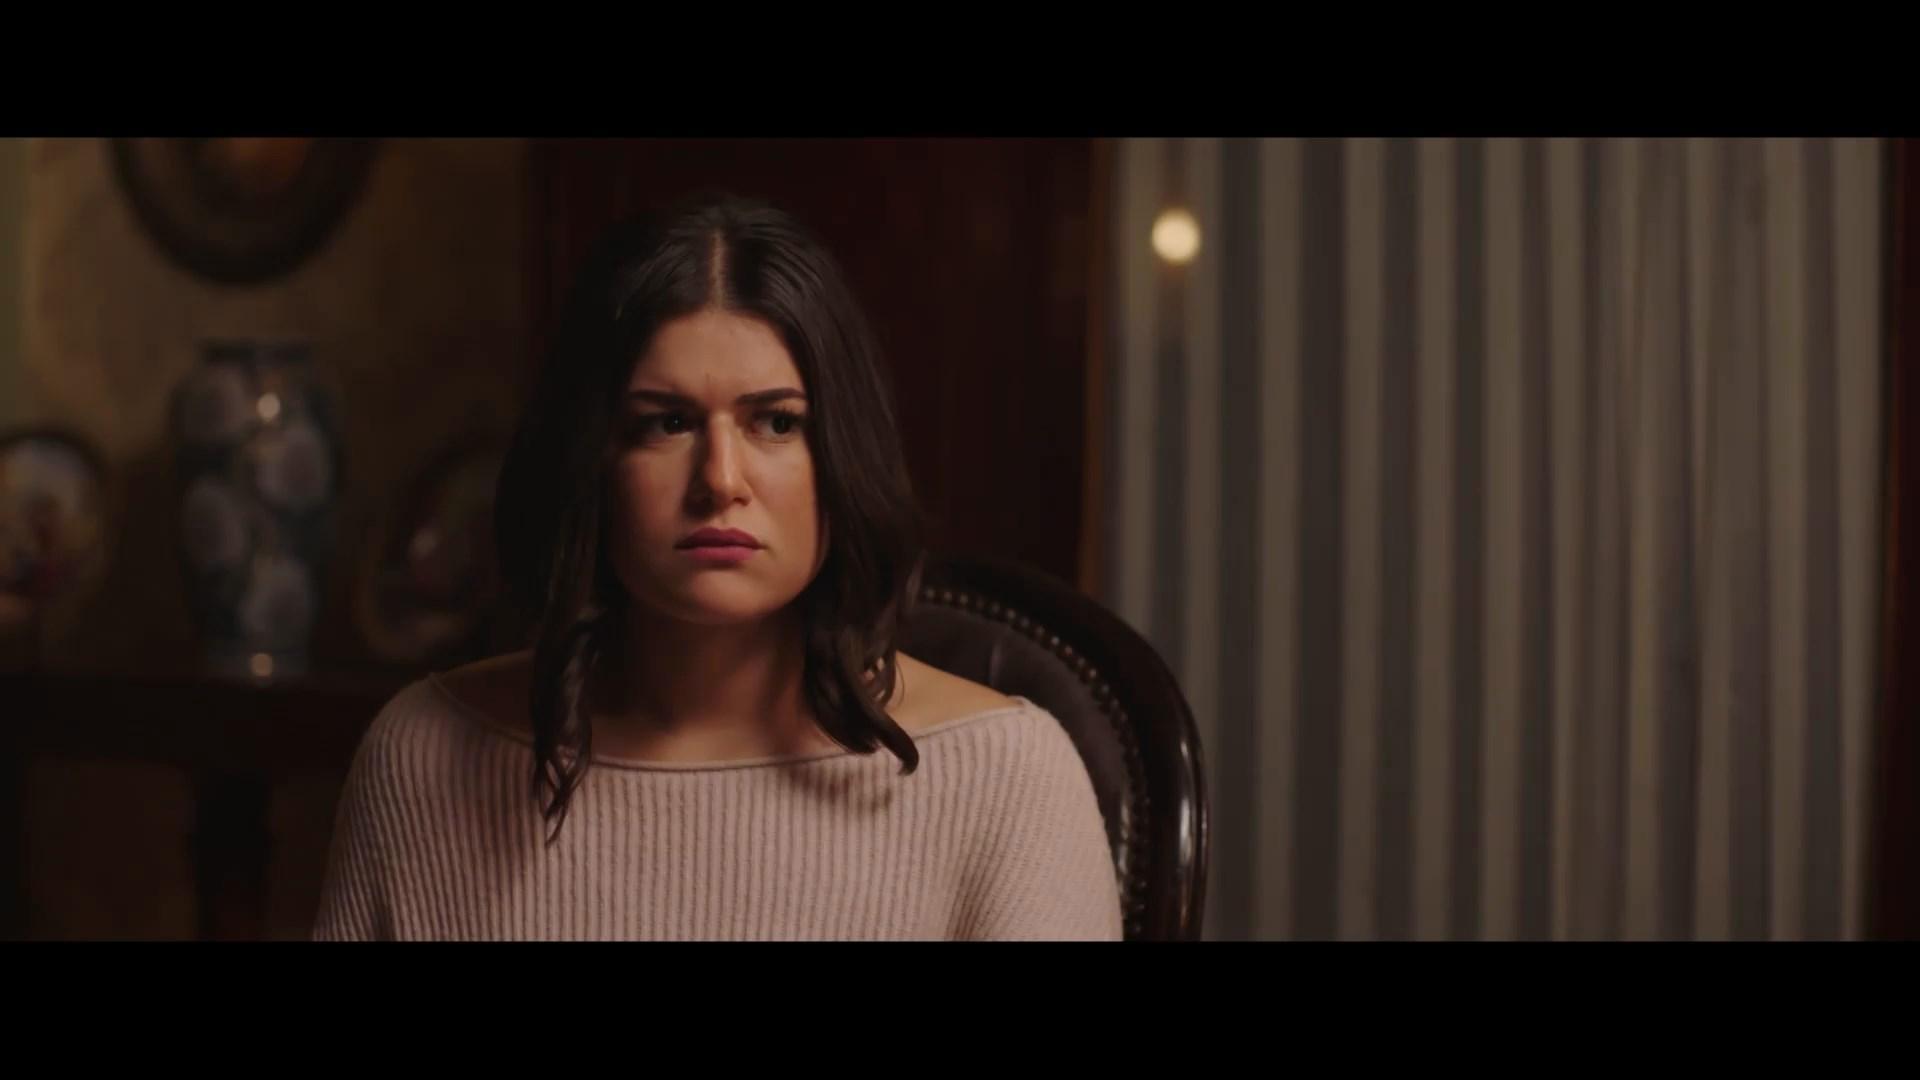 مسلسل قوت القلوب الجزء الثاني الحلقة الثالثة (2020) 1080p تحميل تورنت 7 arabp2p.com